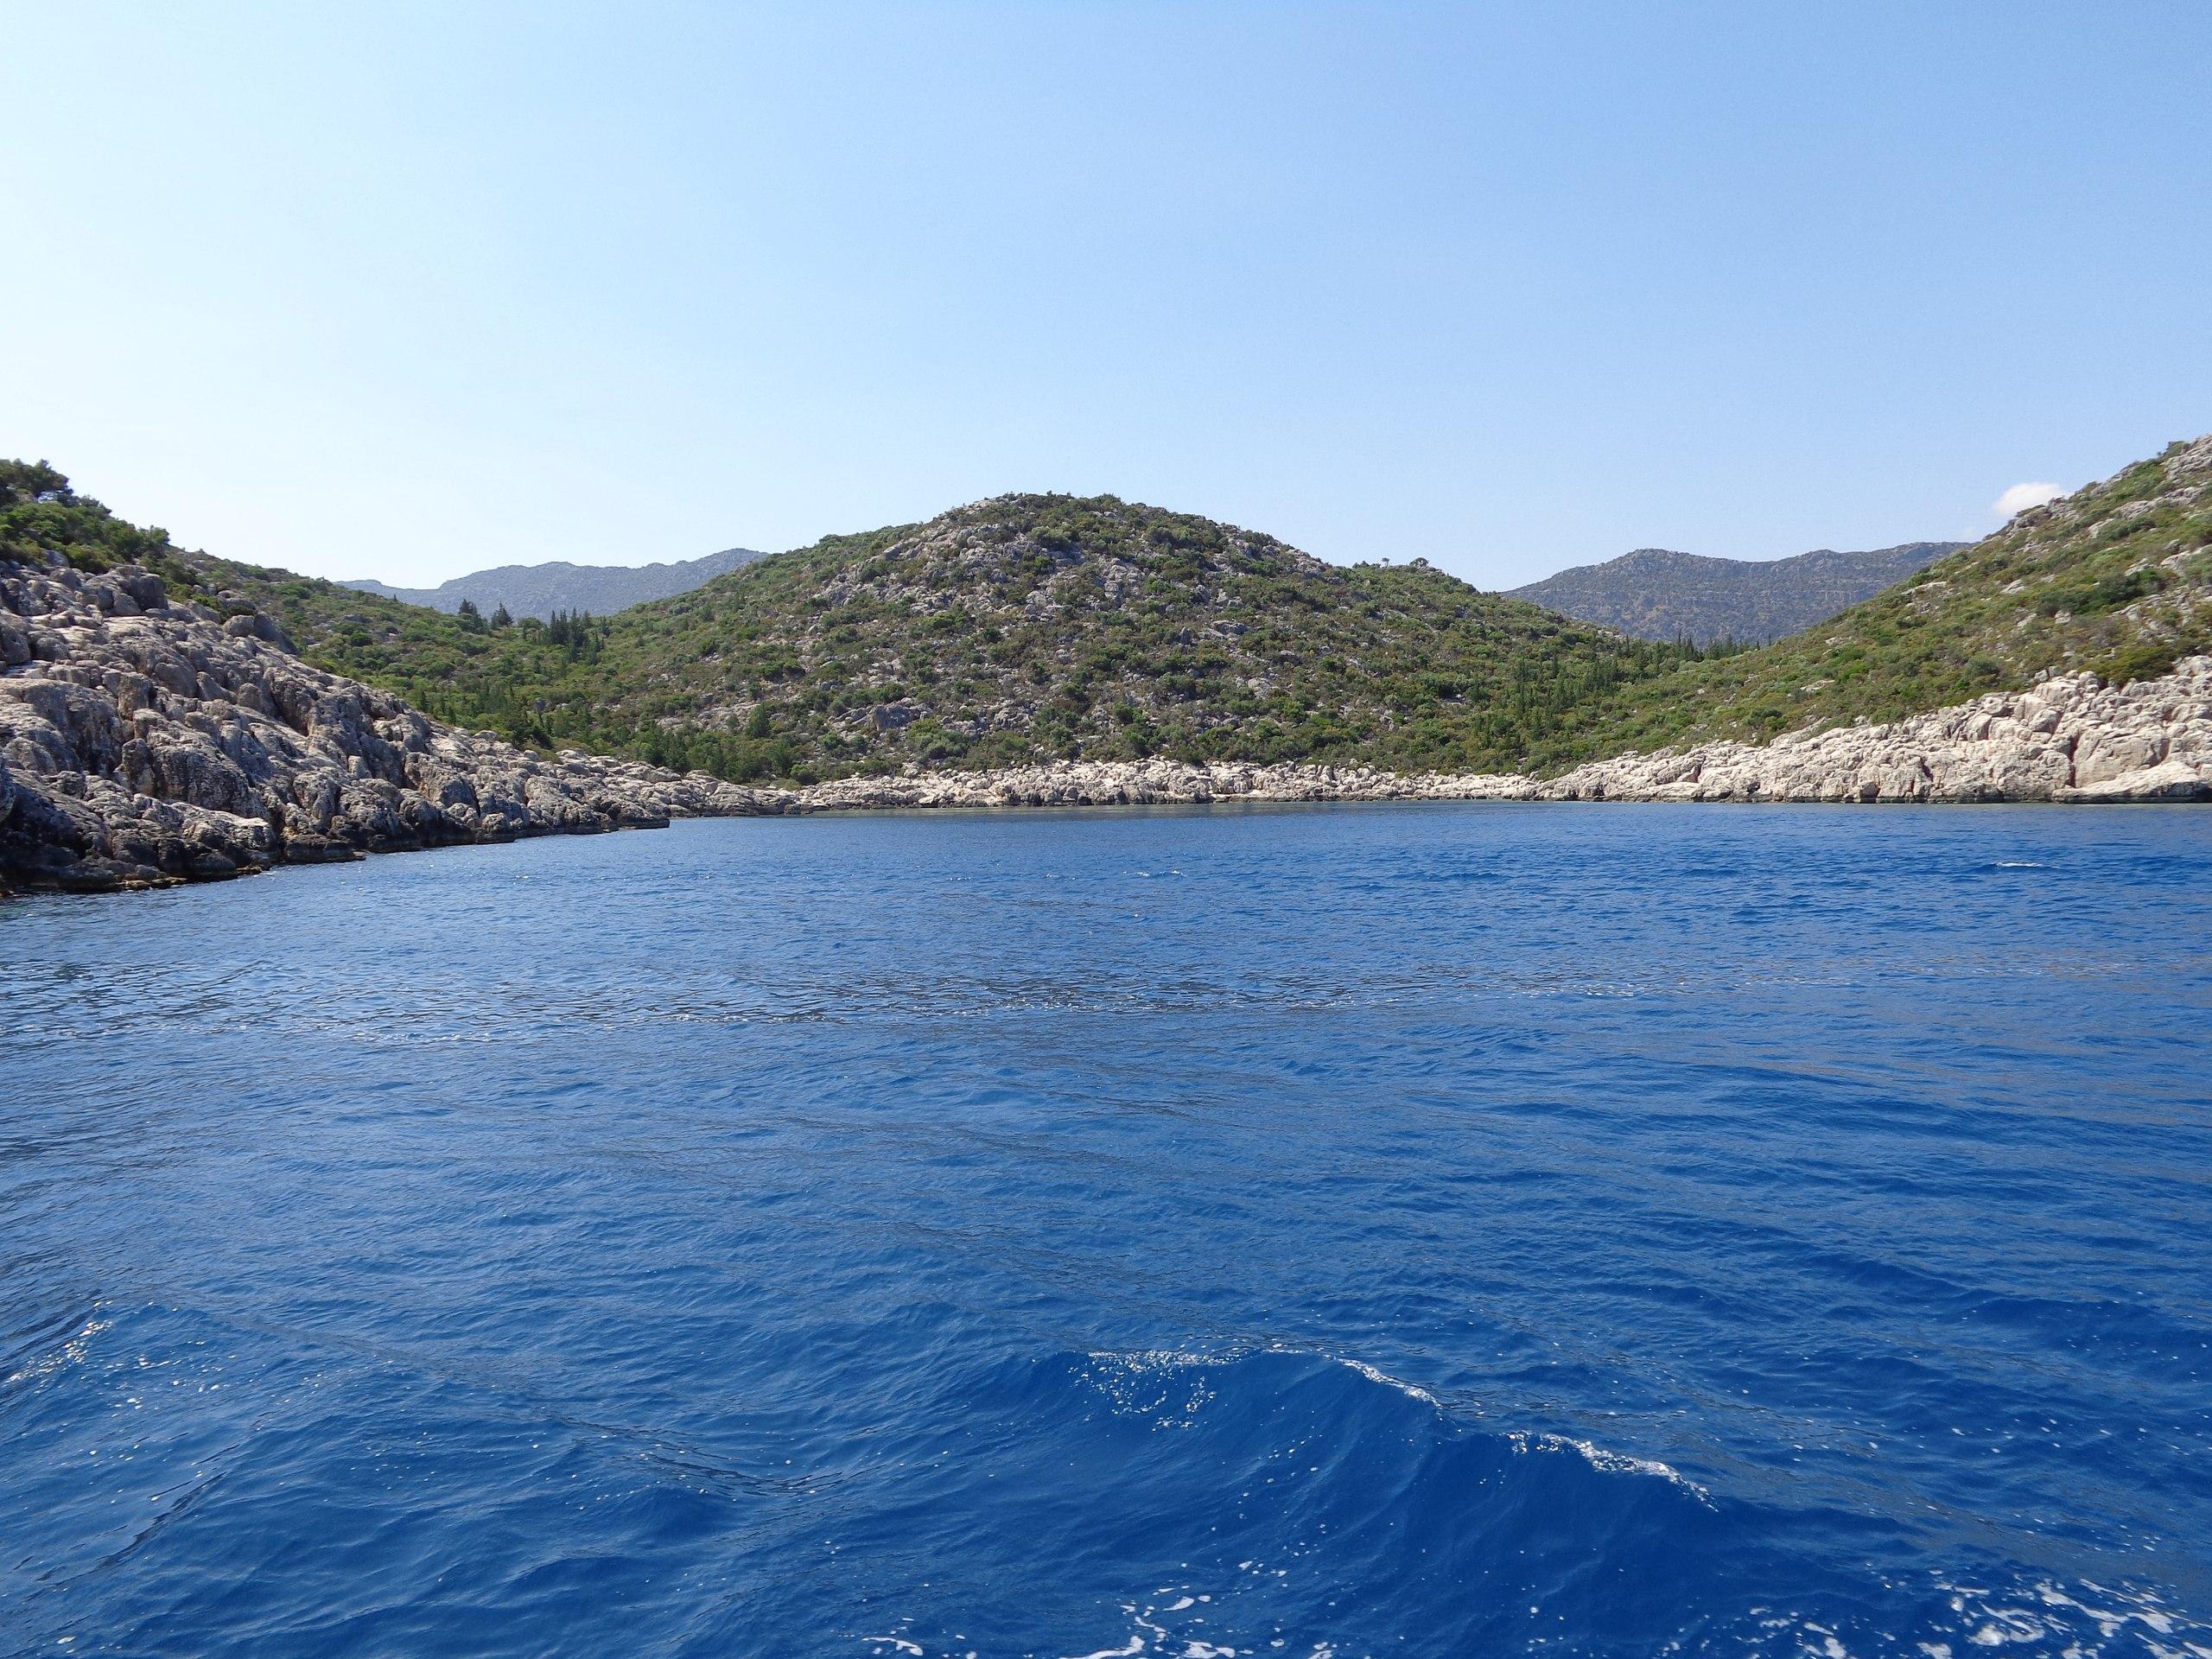 Маленькое путешествие по морю - фотографии